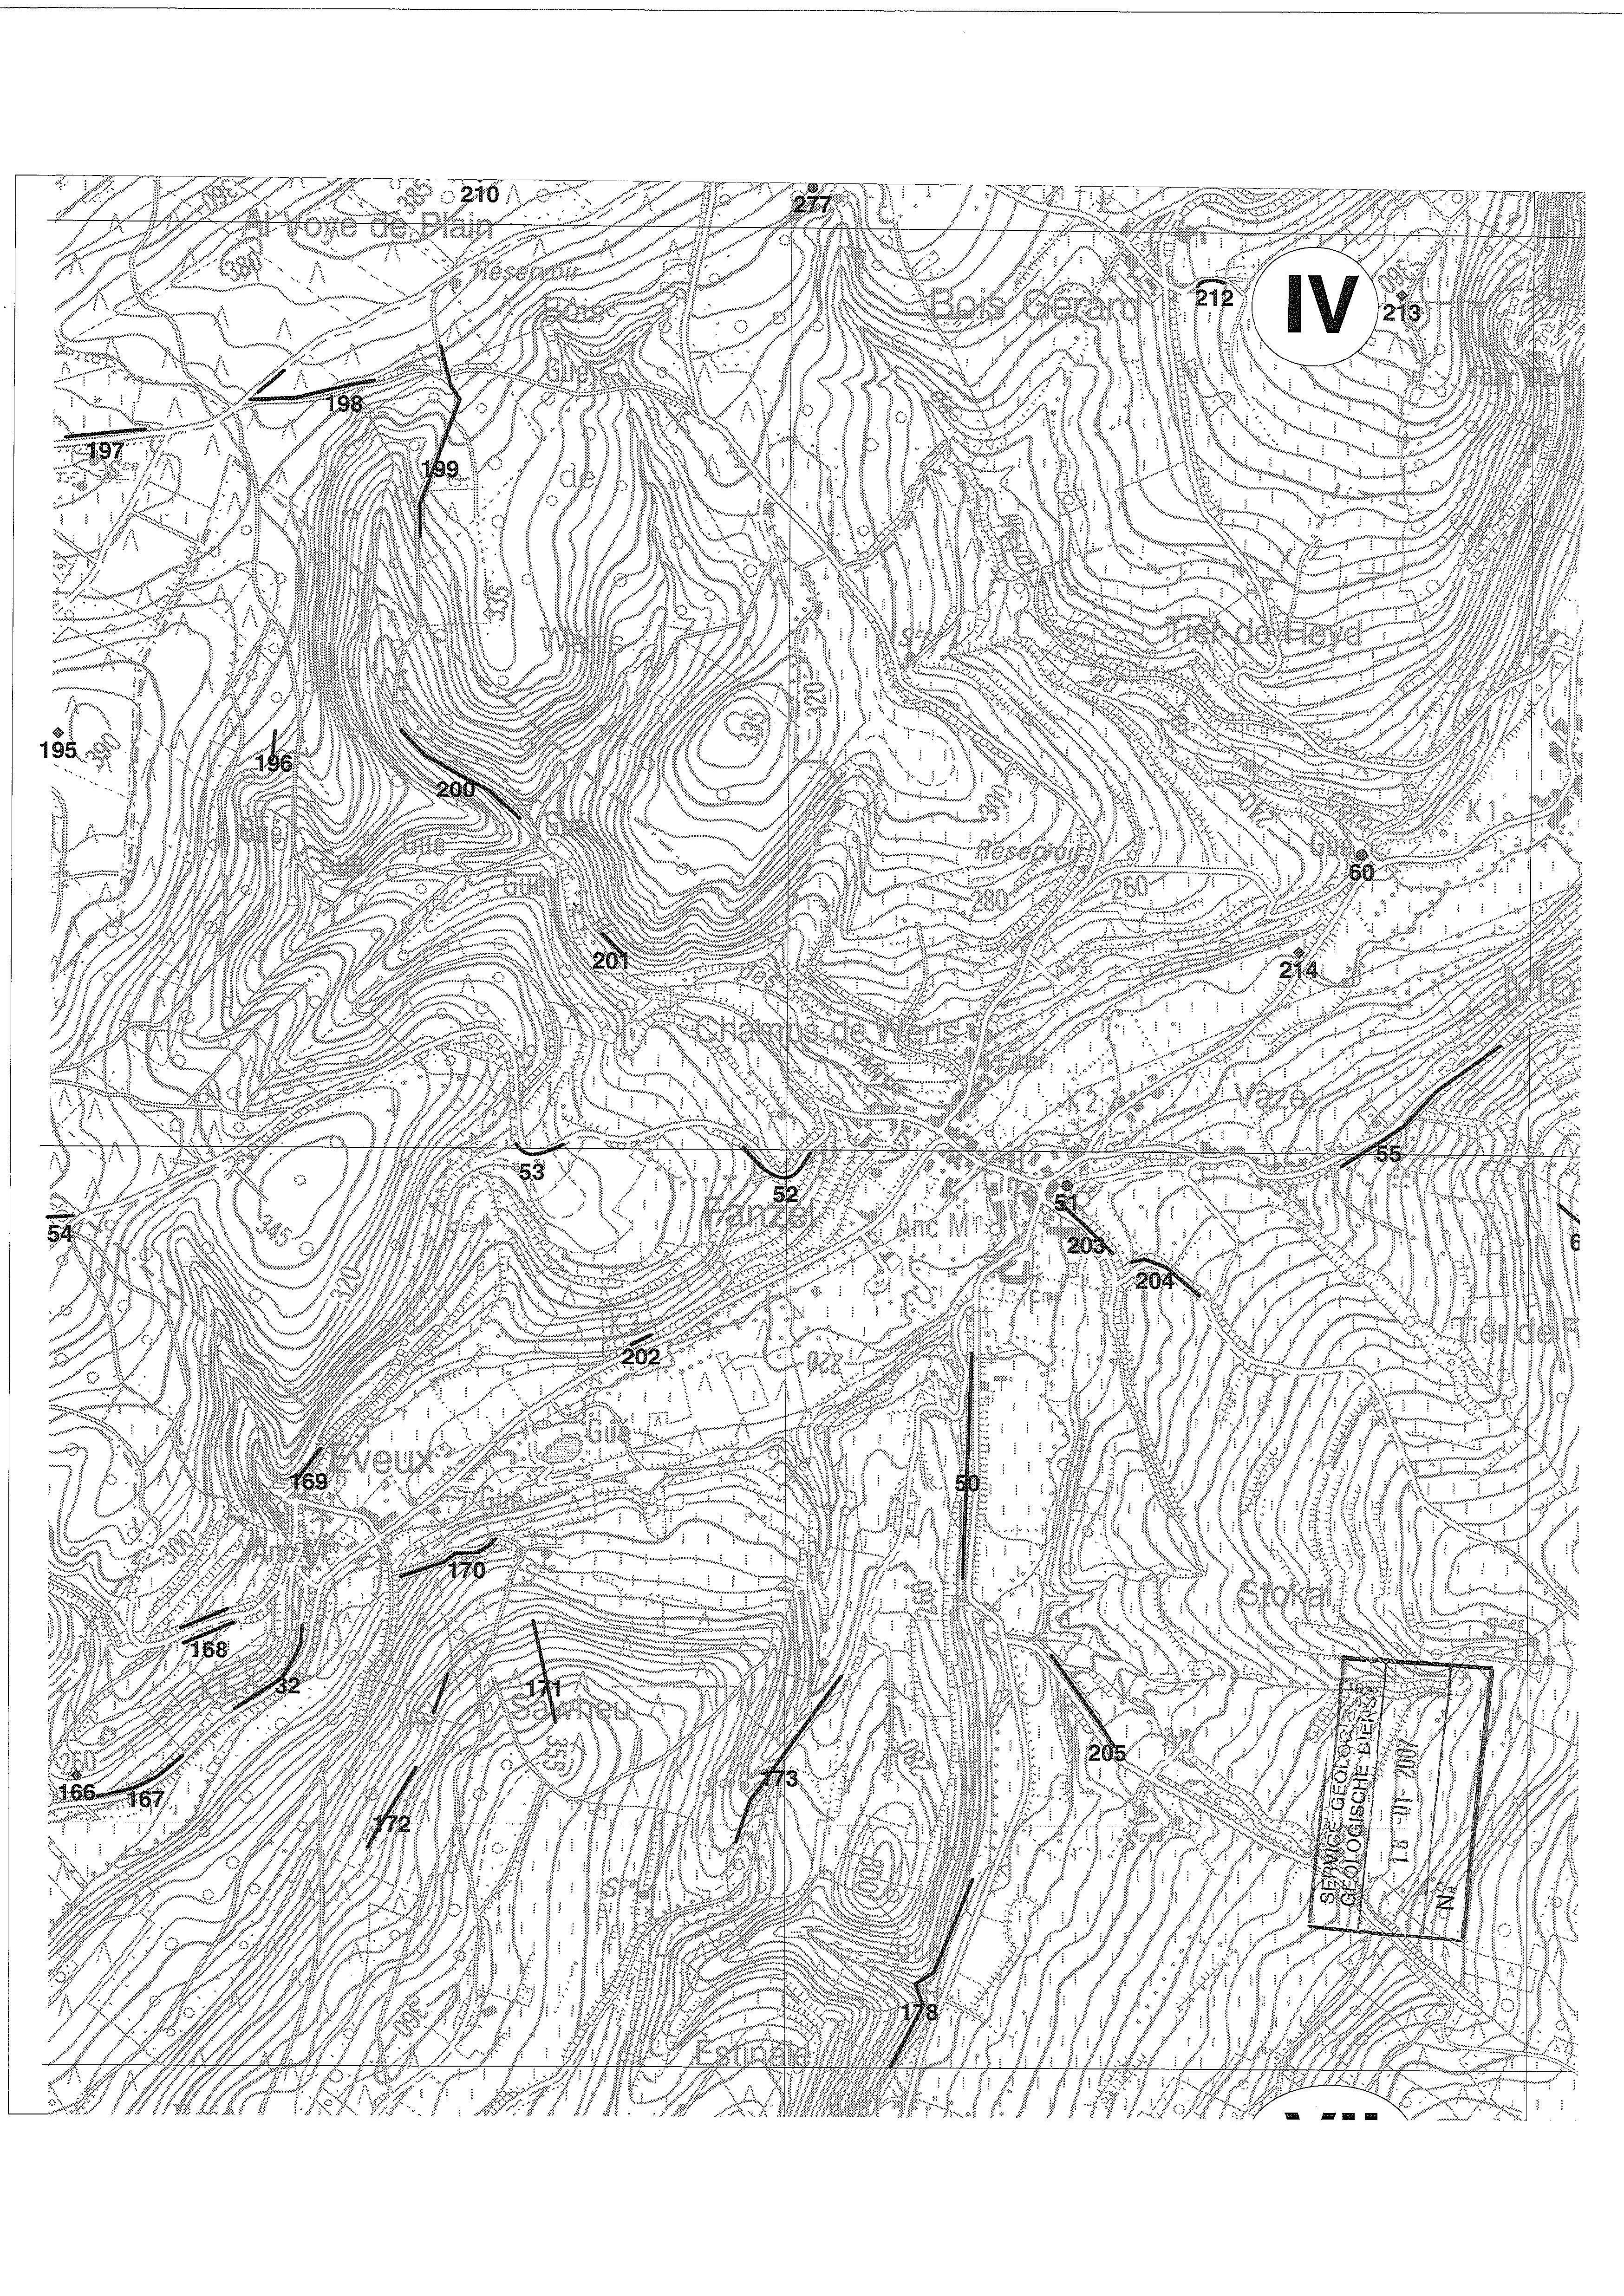 169E_Mormont_Page_4_Image_0001.jpg